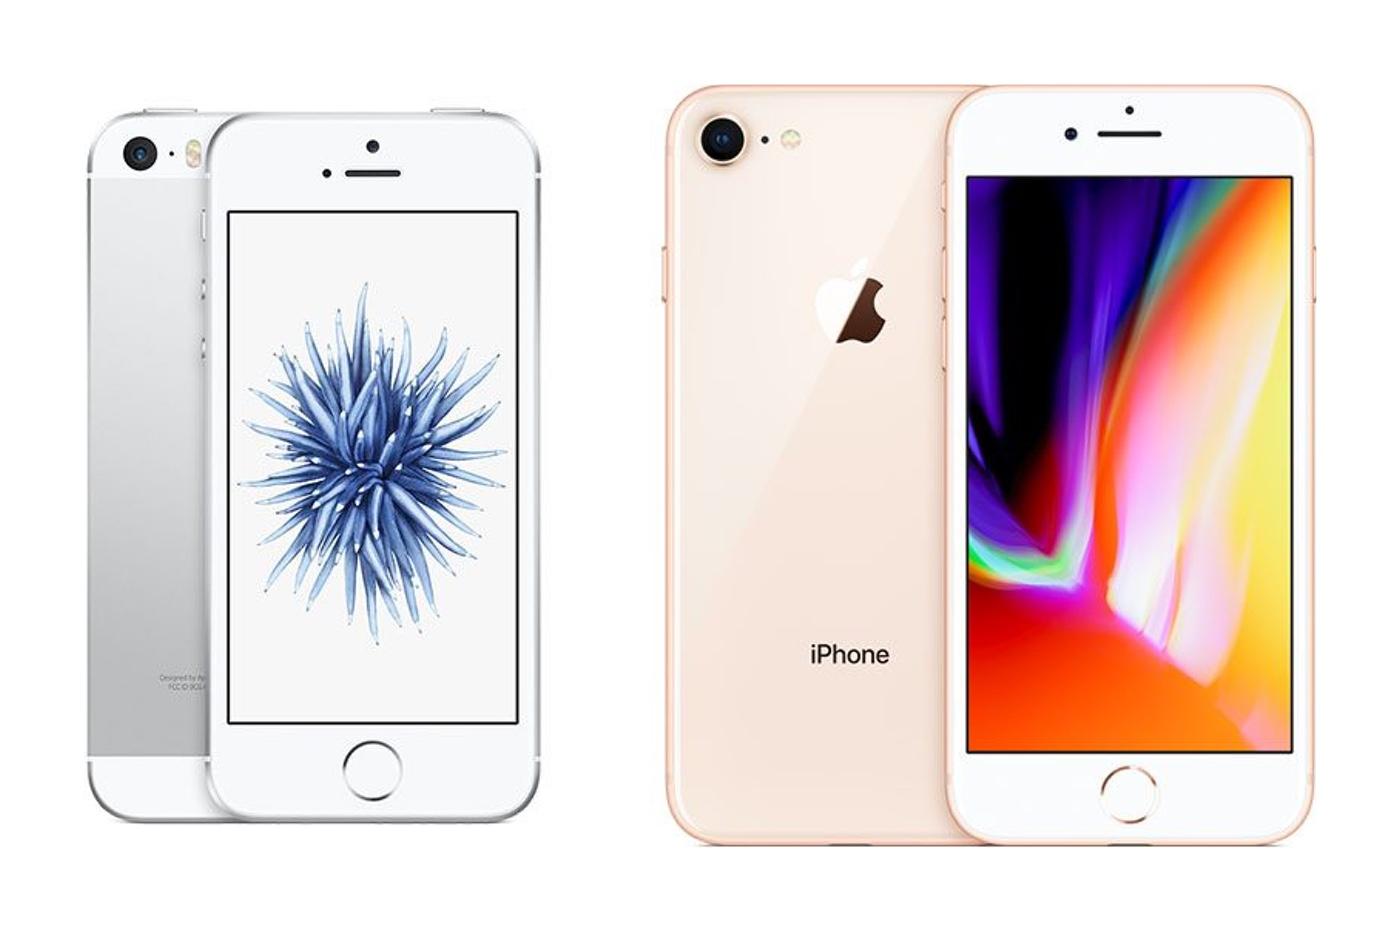 iPhone SE 2 : début 2020 avec puce A13 pour 399 $ 1